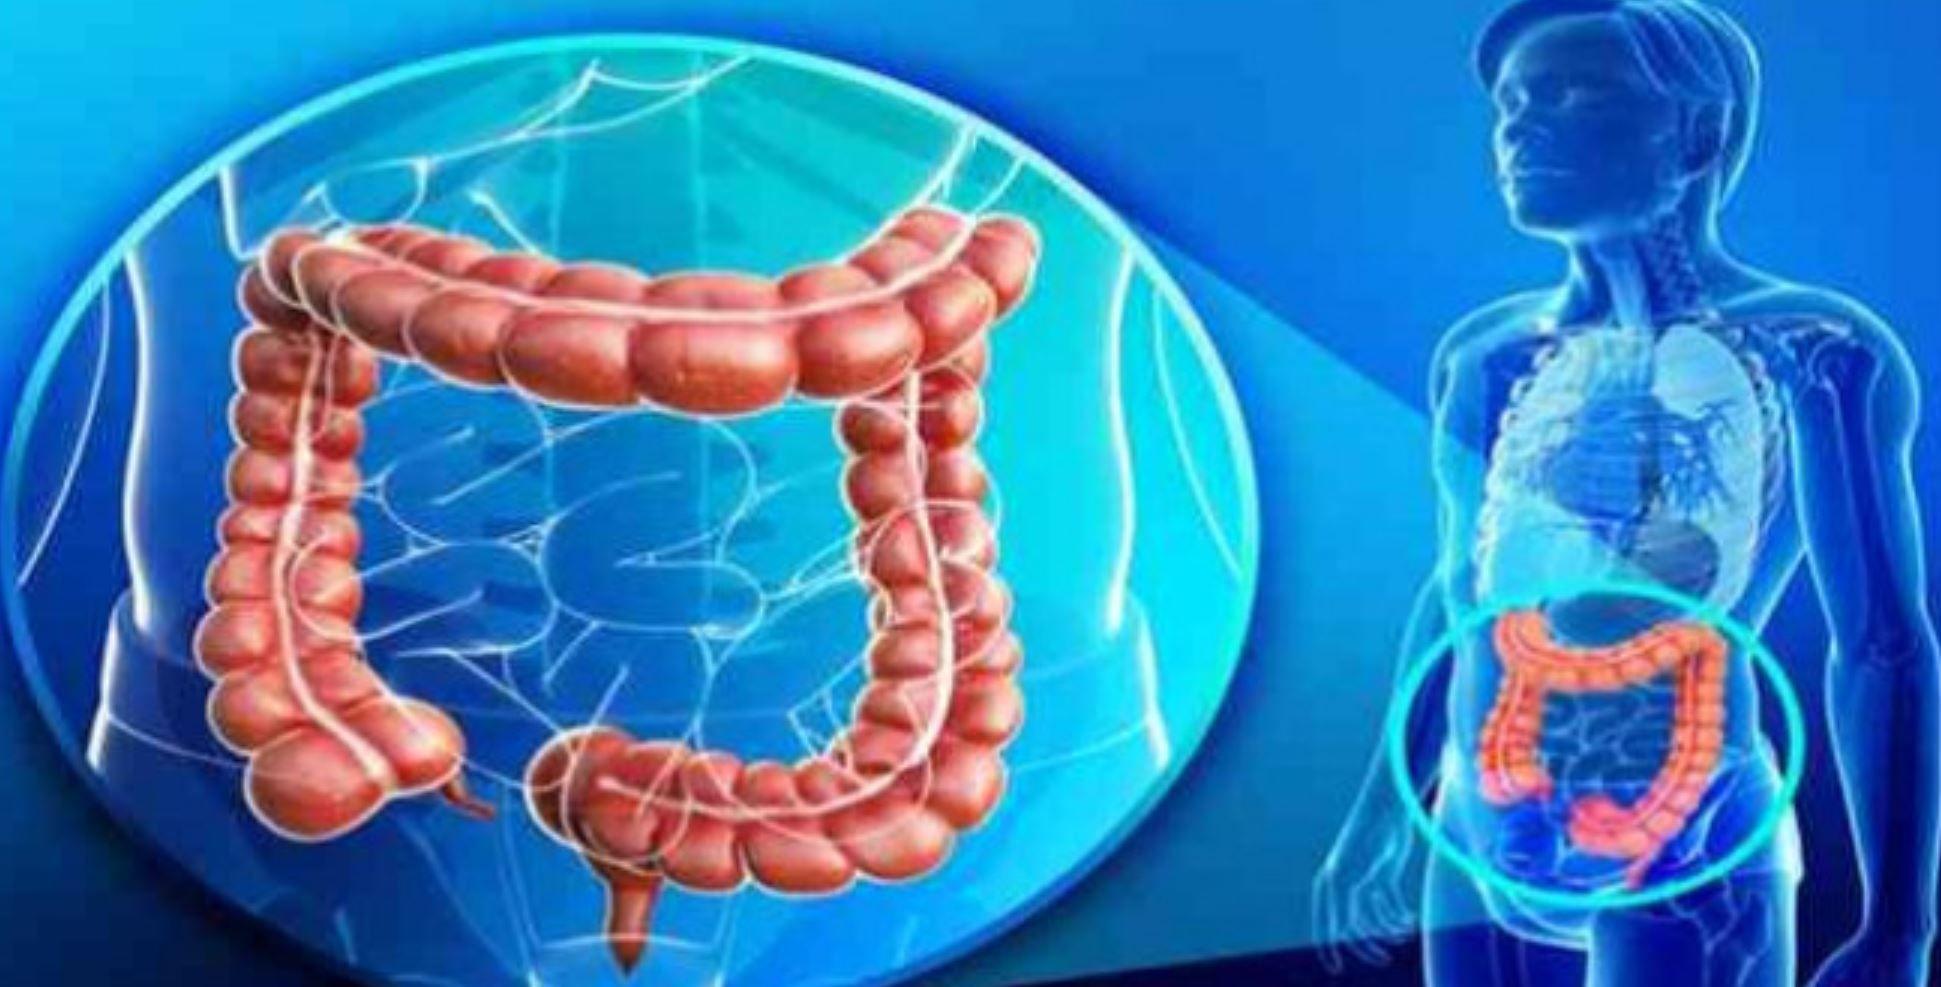 curăță colonul dvs ajută la pierderea în greutate